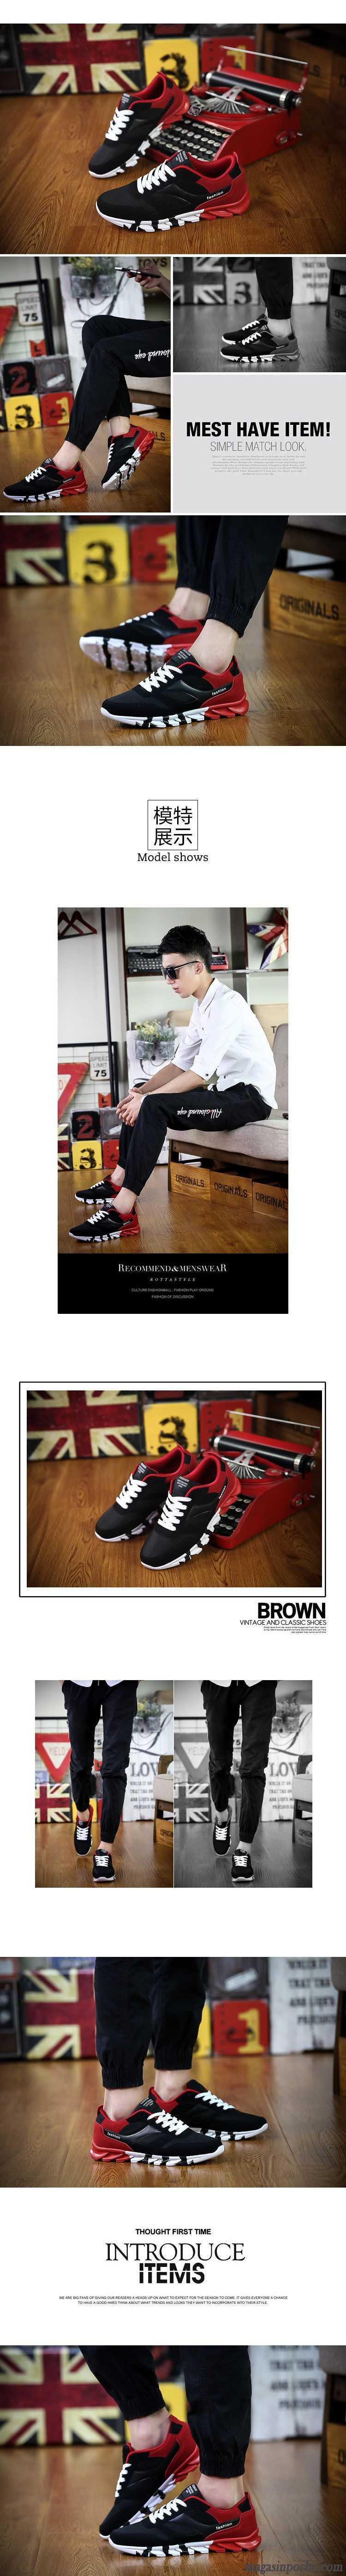 Nouvelles Chaussures Basket Chaussure Homme Chaussures De Course Élève Tendance Été Homme Xazaqxej-184309-9275225 Street Price